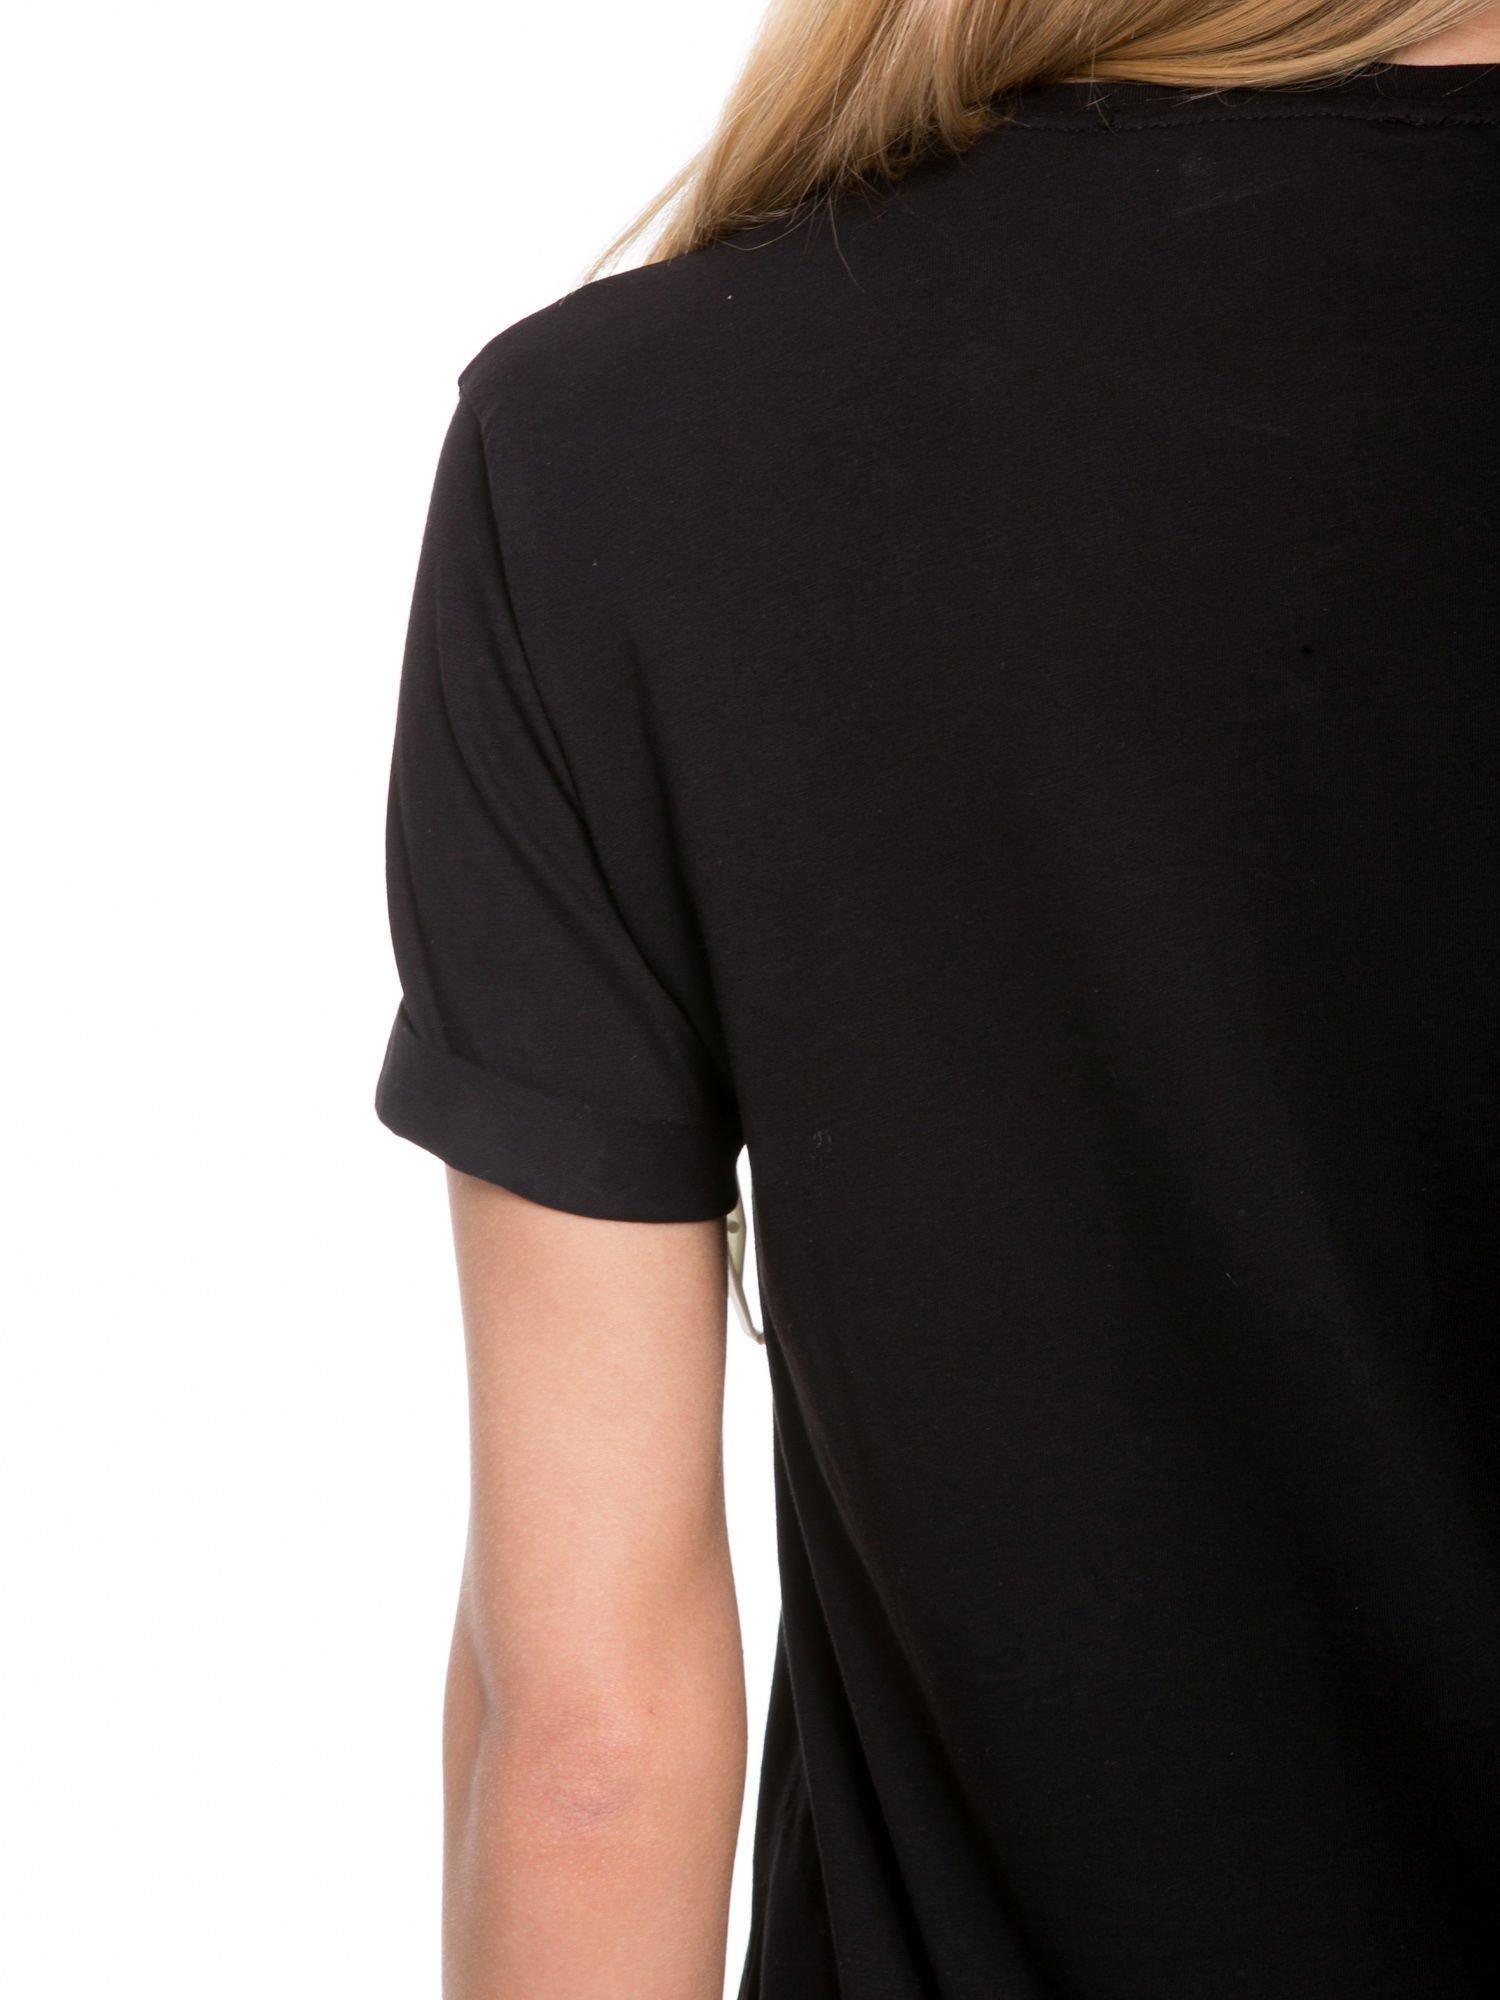 Czarny t-shirt z napisem w minimalistycznym stylu NICCE LONDON                                  zdj.                                  6